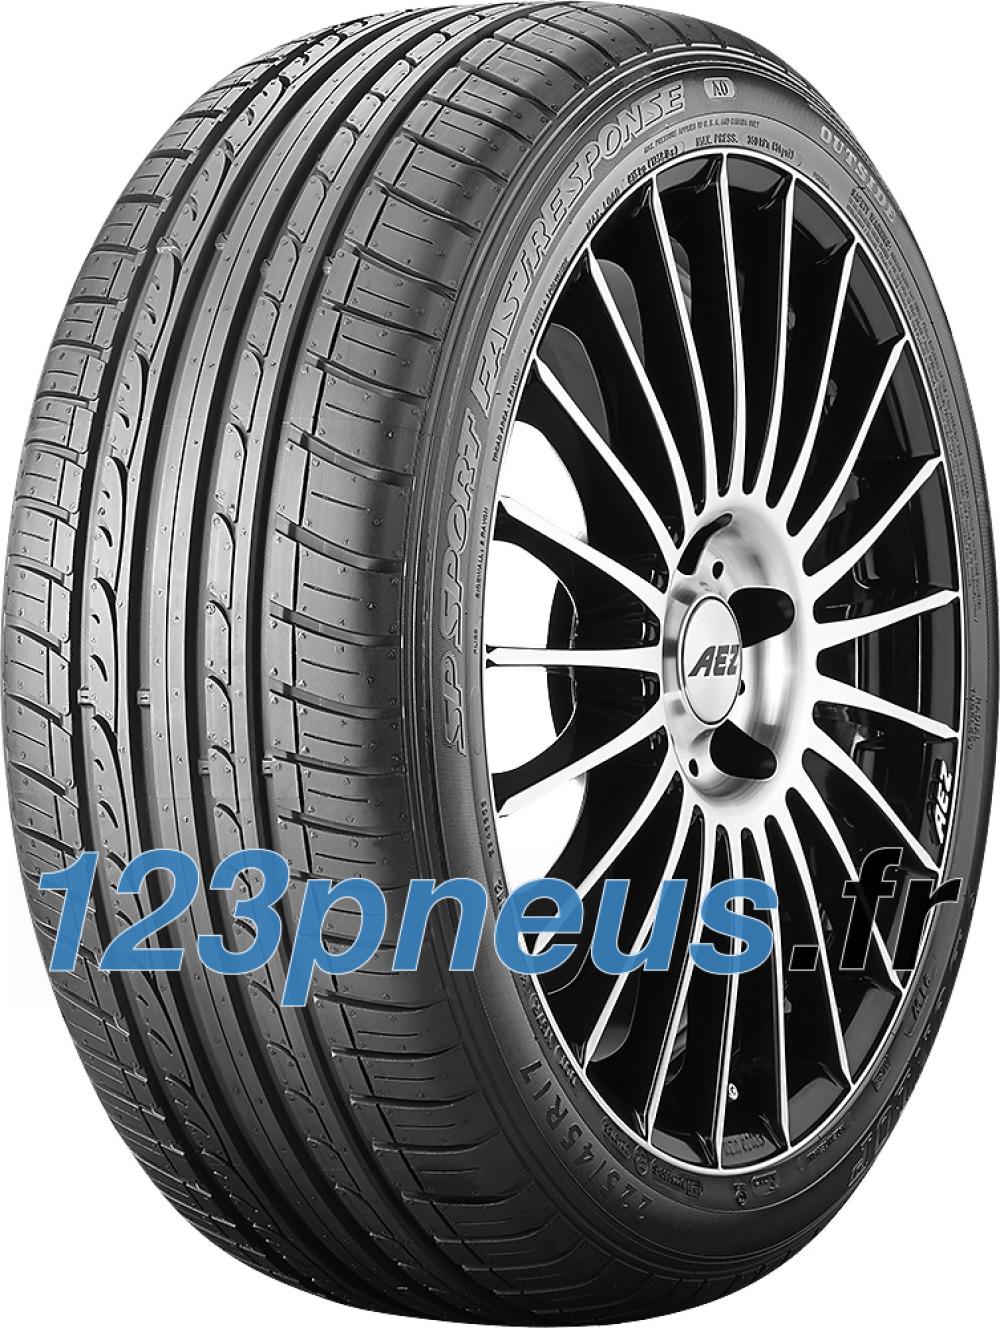 Dunlop Sp Sport Fastresponse Rof